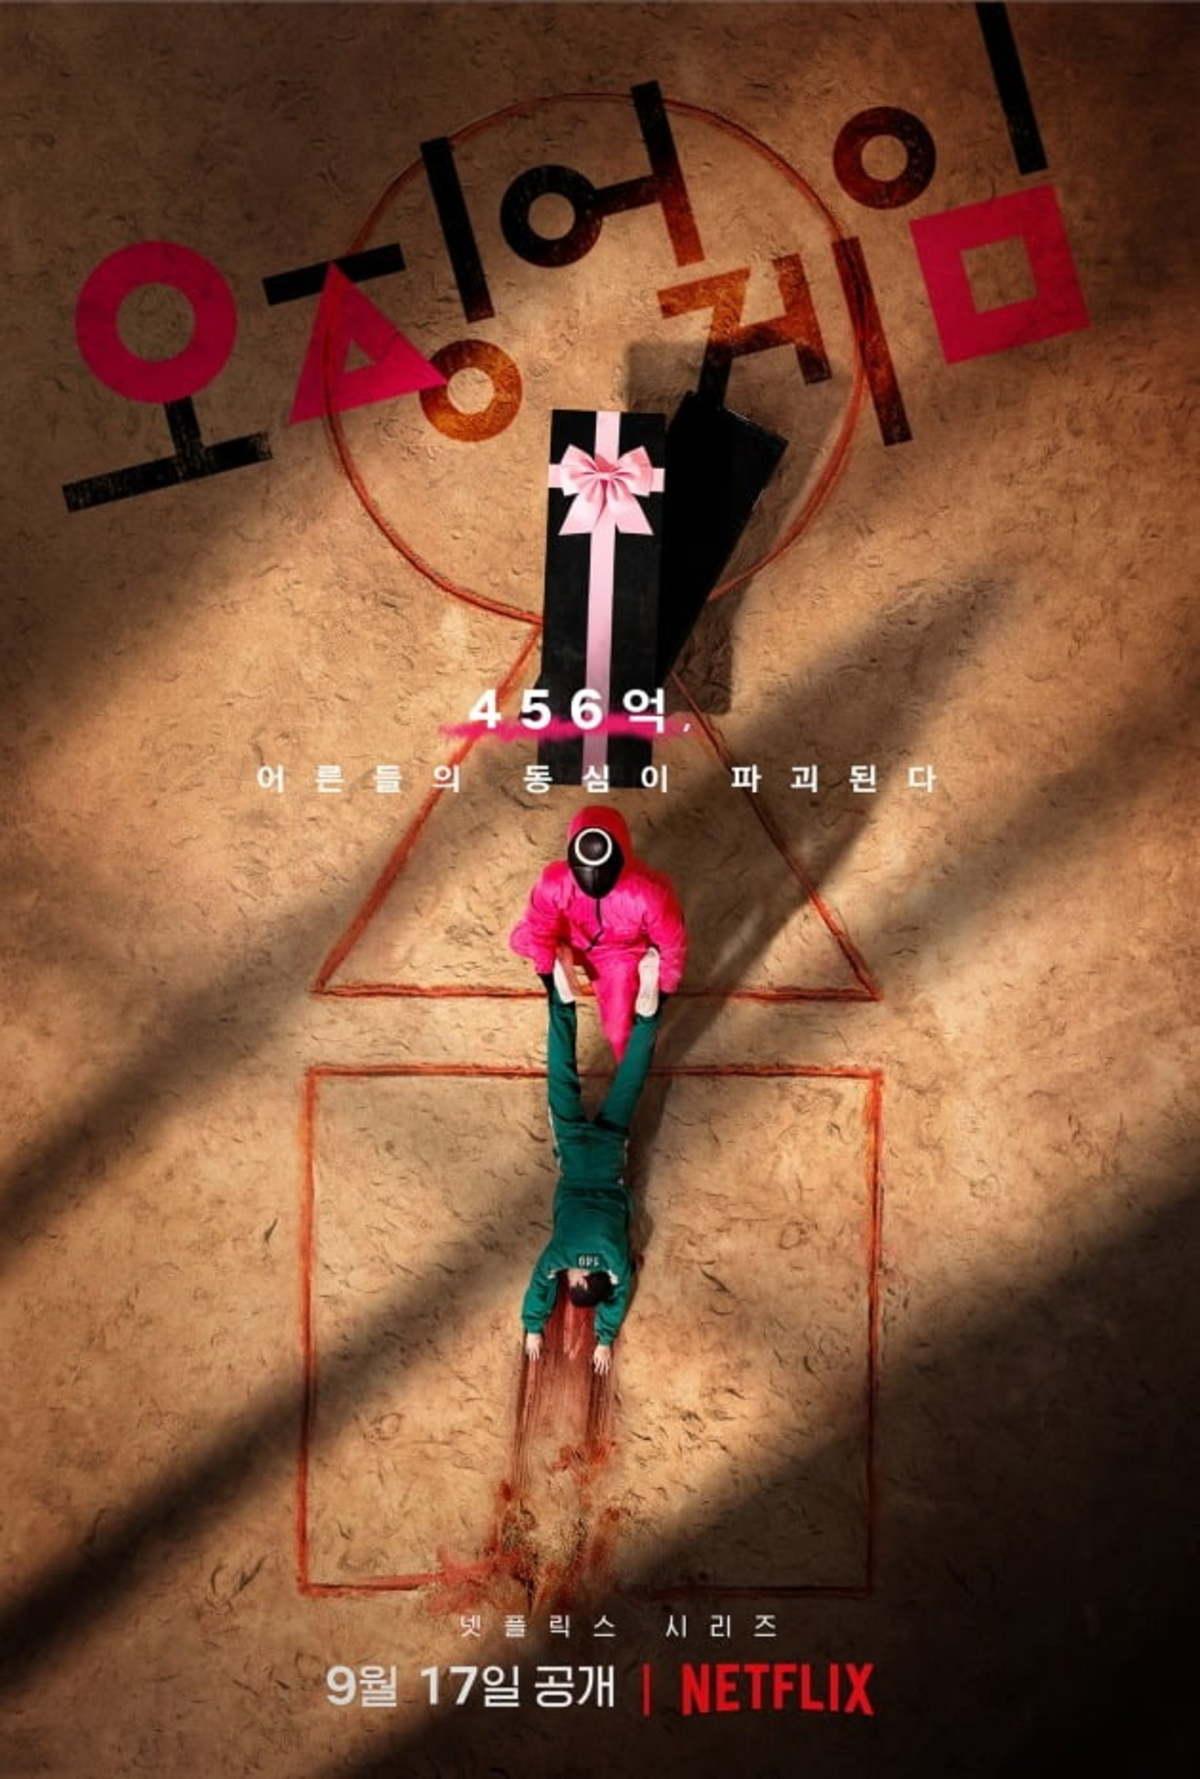 Squid Game | Série Sul-Coreana na Netflix - Round 6 - Sequência, episódios e significado os símbolos